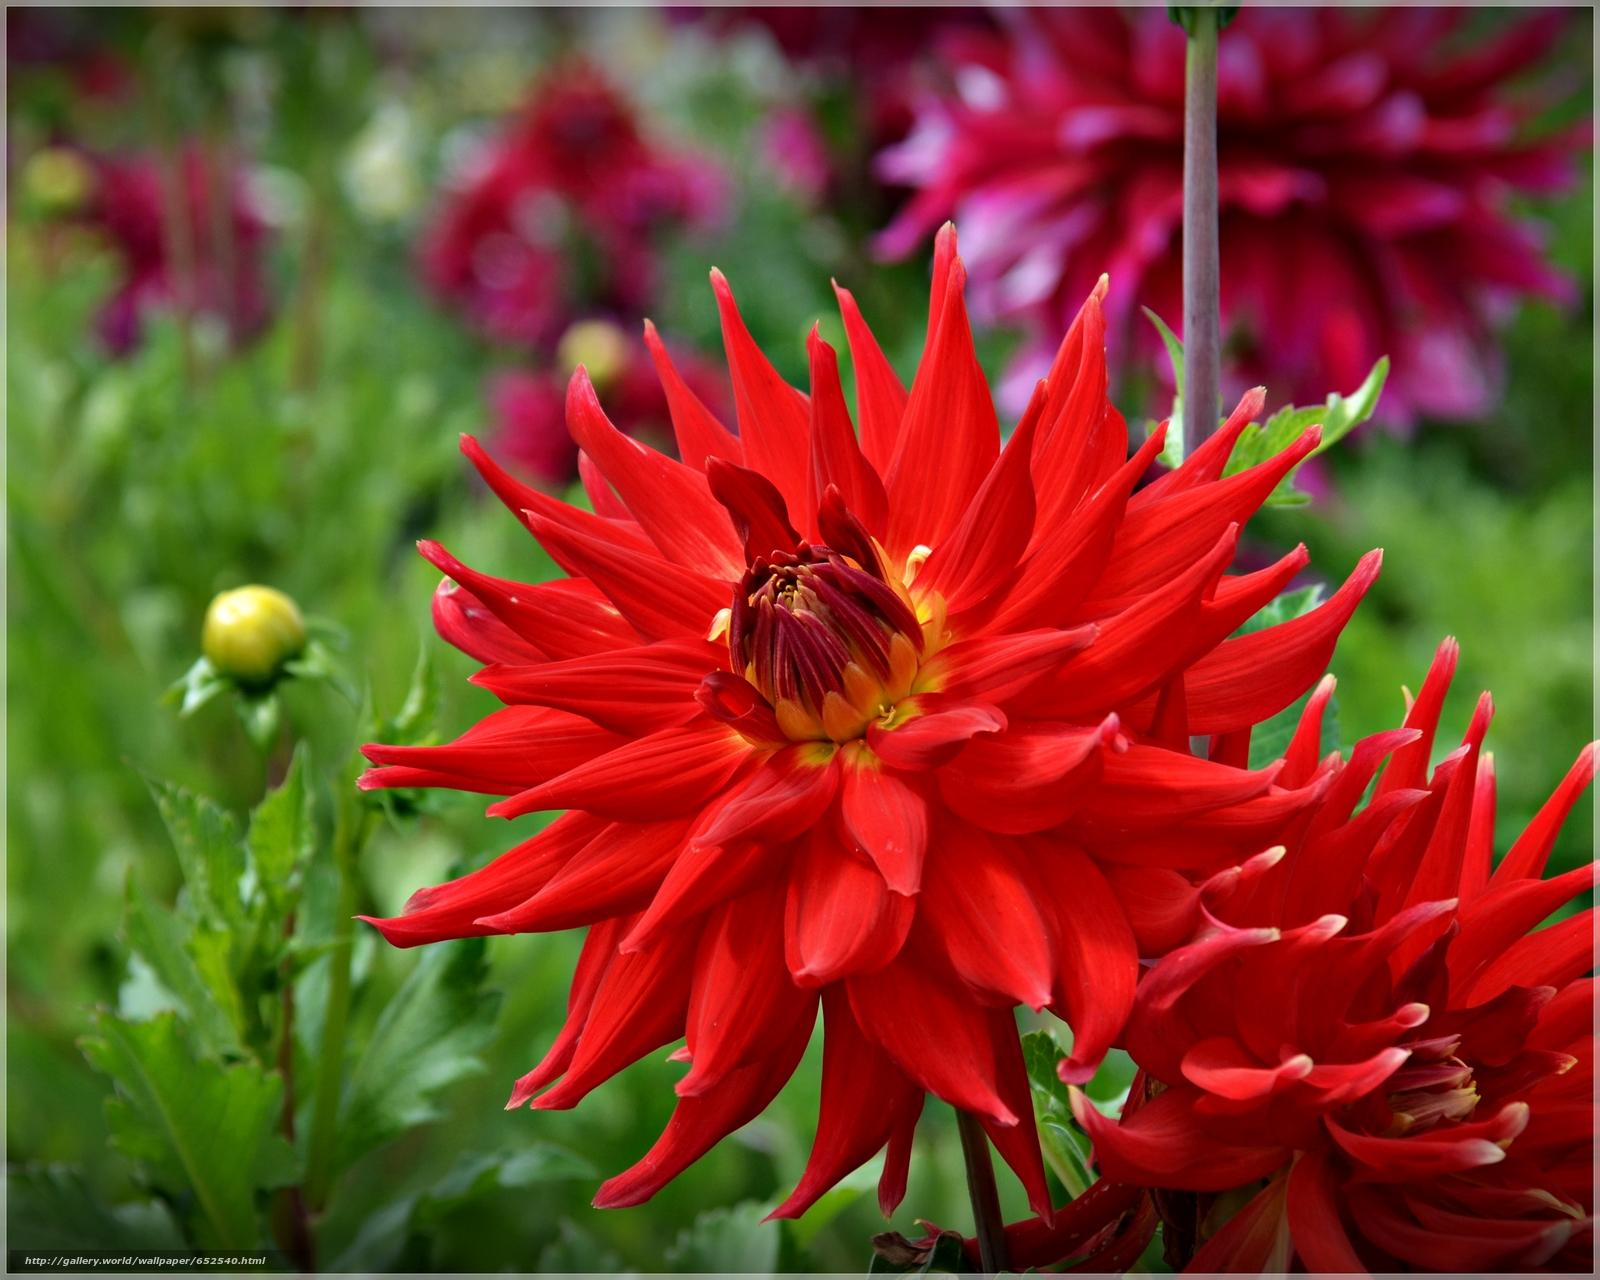 Скачать обои Dahlia,  георгин,  цветок,  флора бесплатно для рабочего стола в разрешении 4080x3264 — картинка №652540